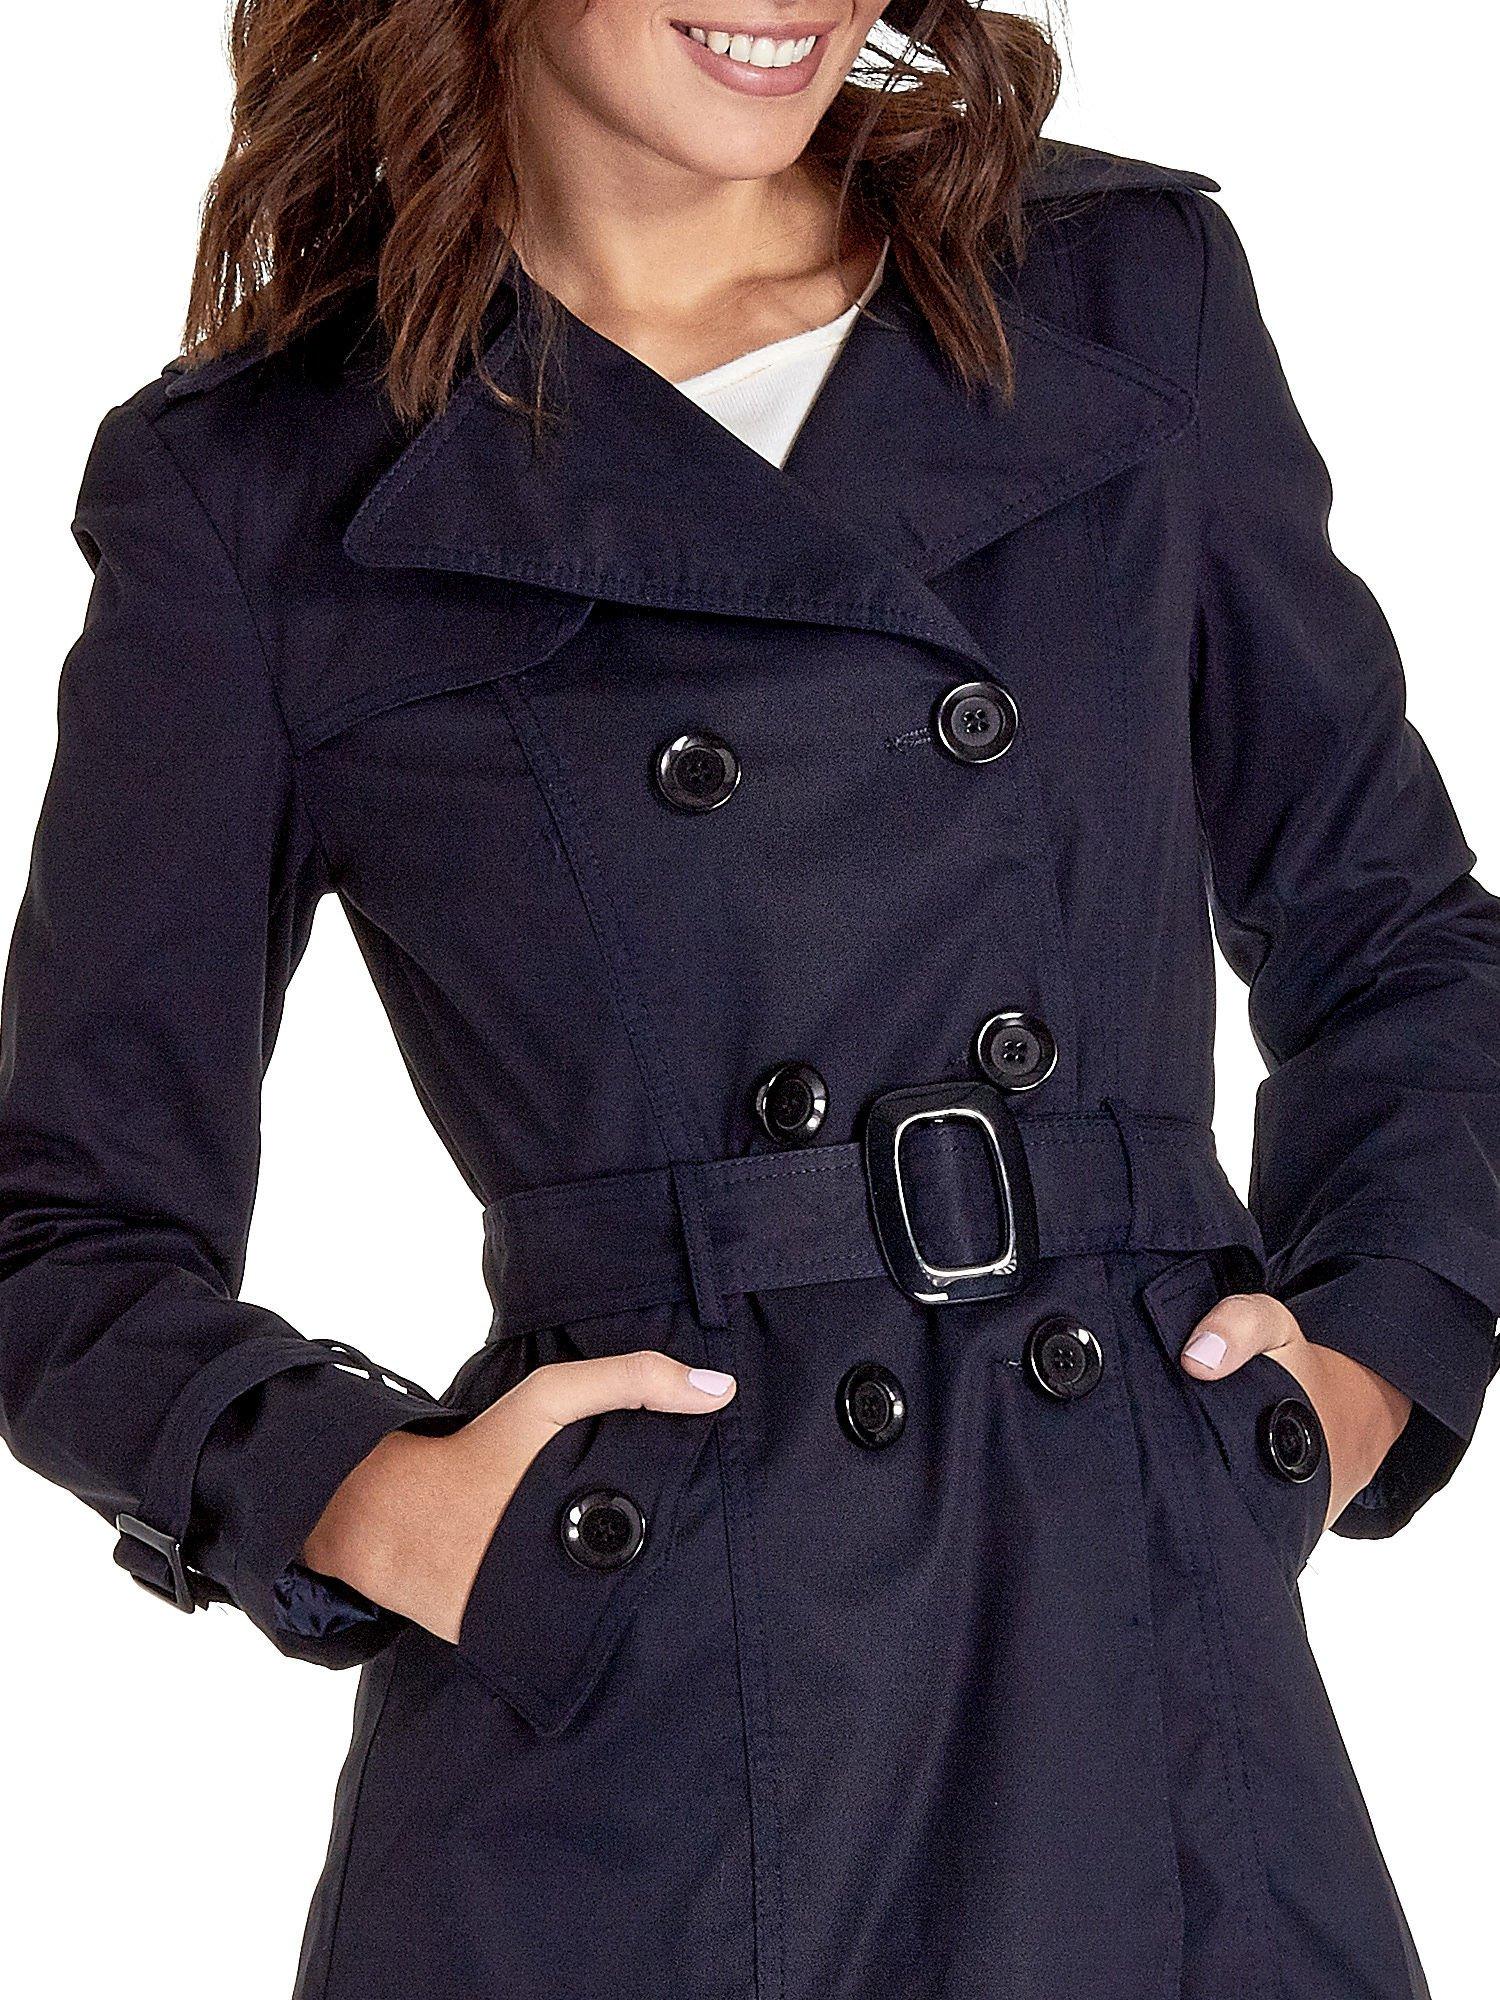 Granatowy klasyczny płaszcz typu trencz                                  zdj.                                  5